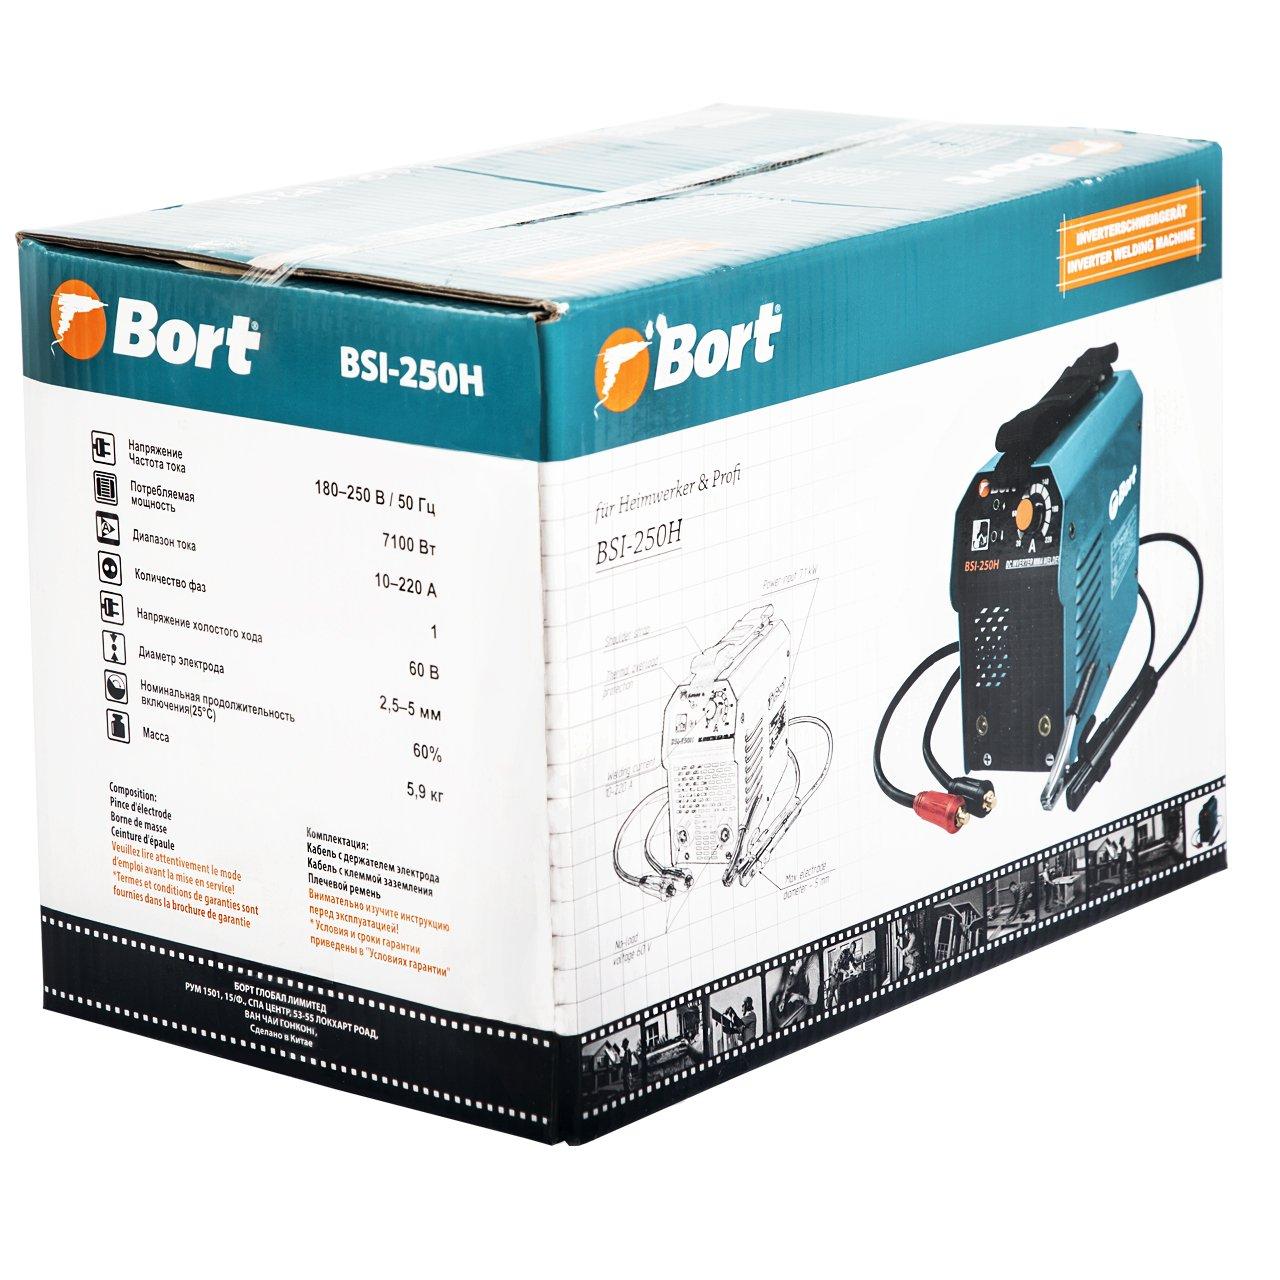 Bort BSI-250H soldador inverter. 220 A, 2,5 - 5 mm, 7100 W, 180 - 250 V.: Amazon.es: Bricolaje y herramientas